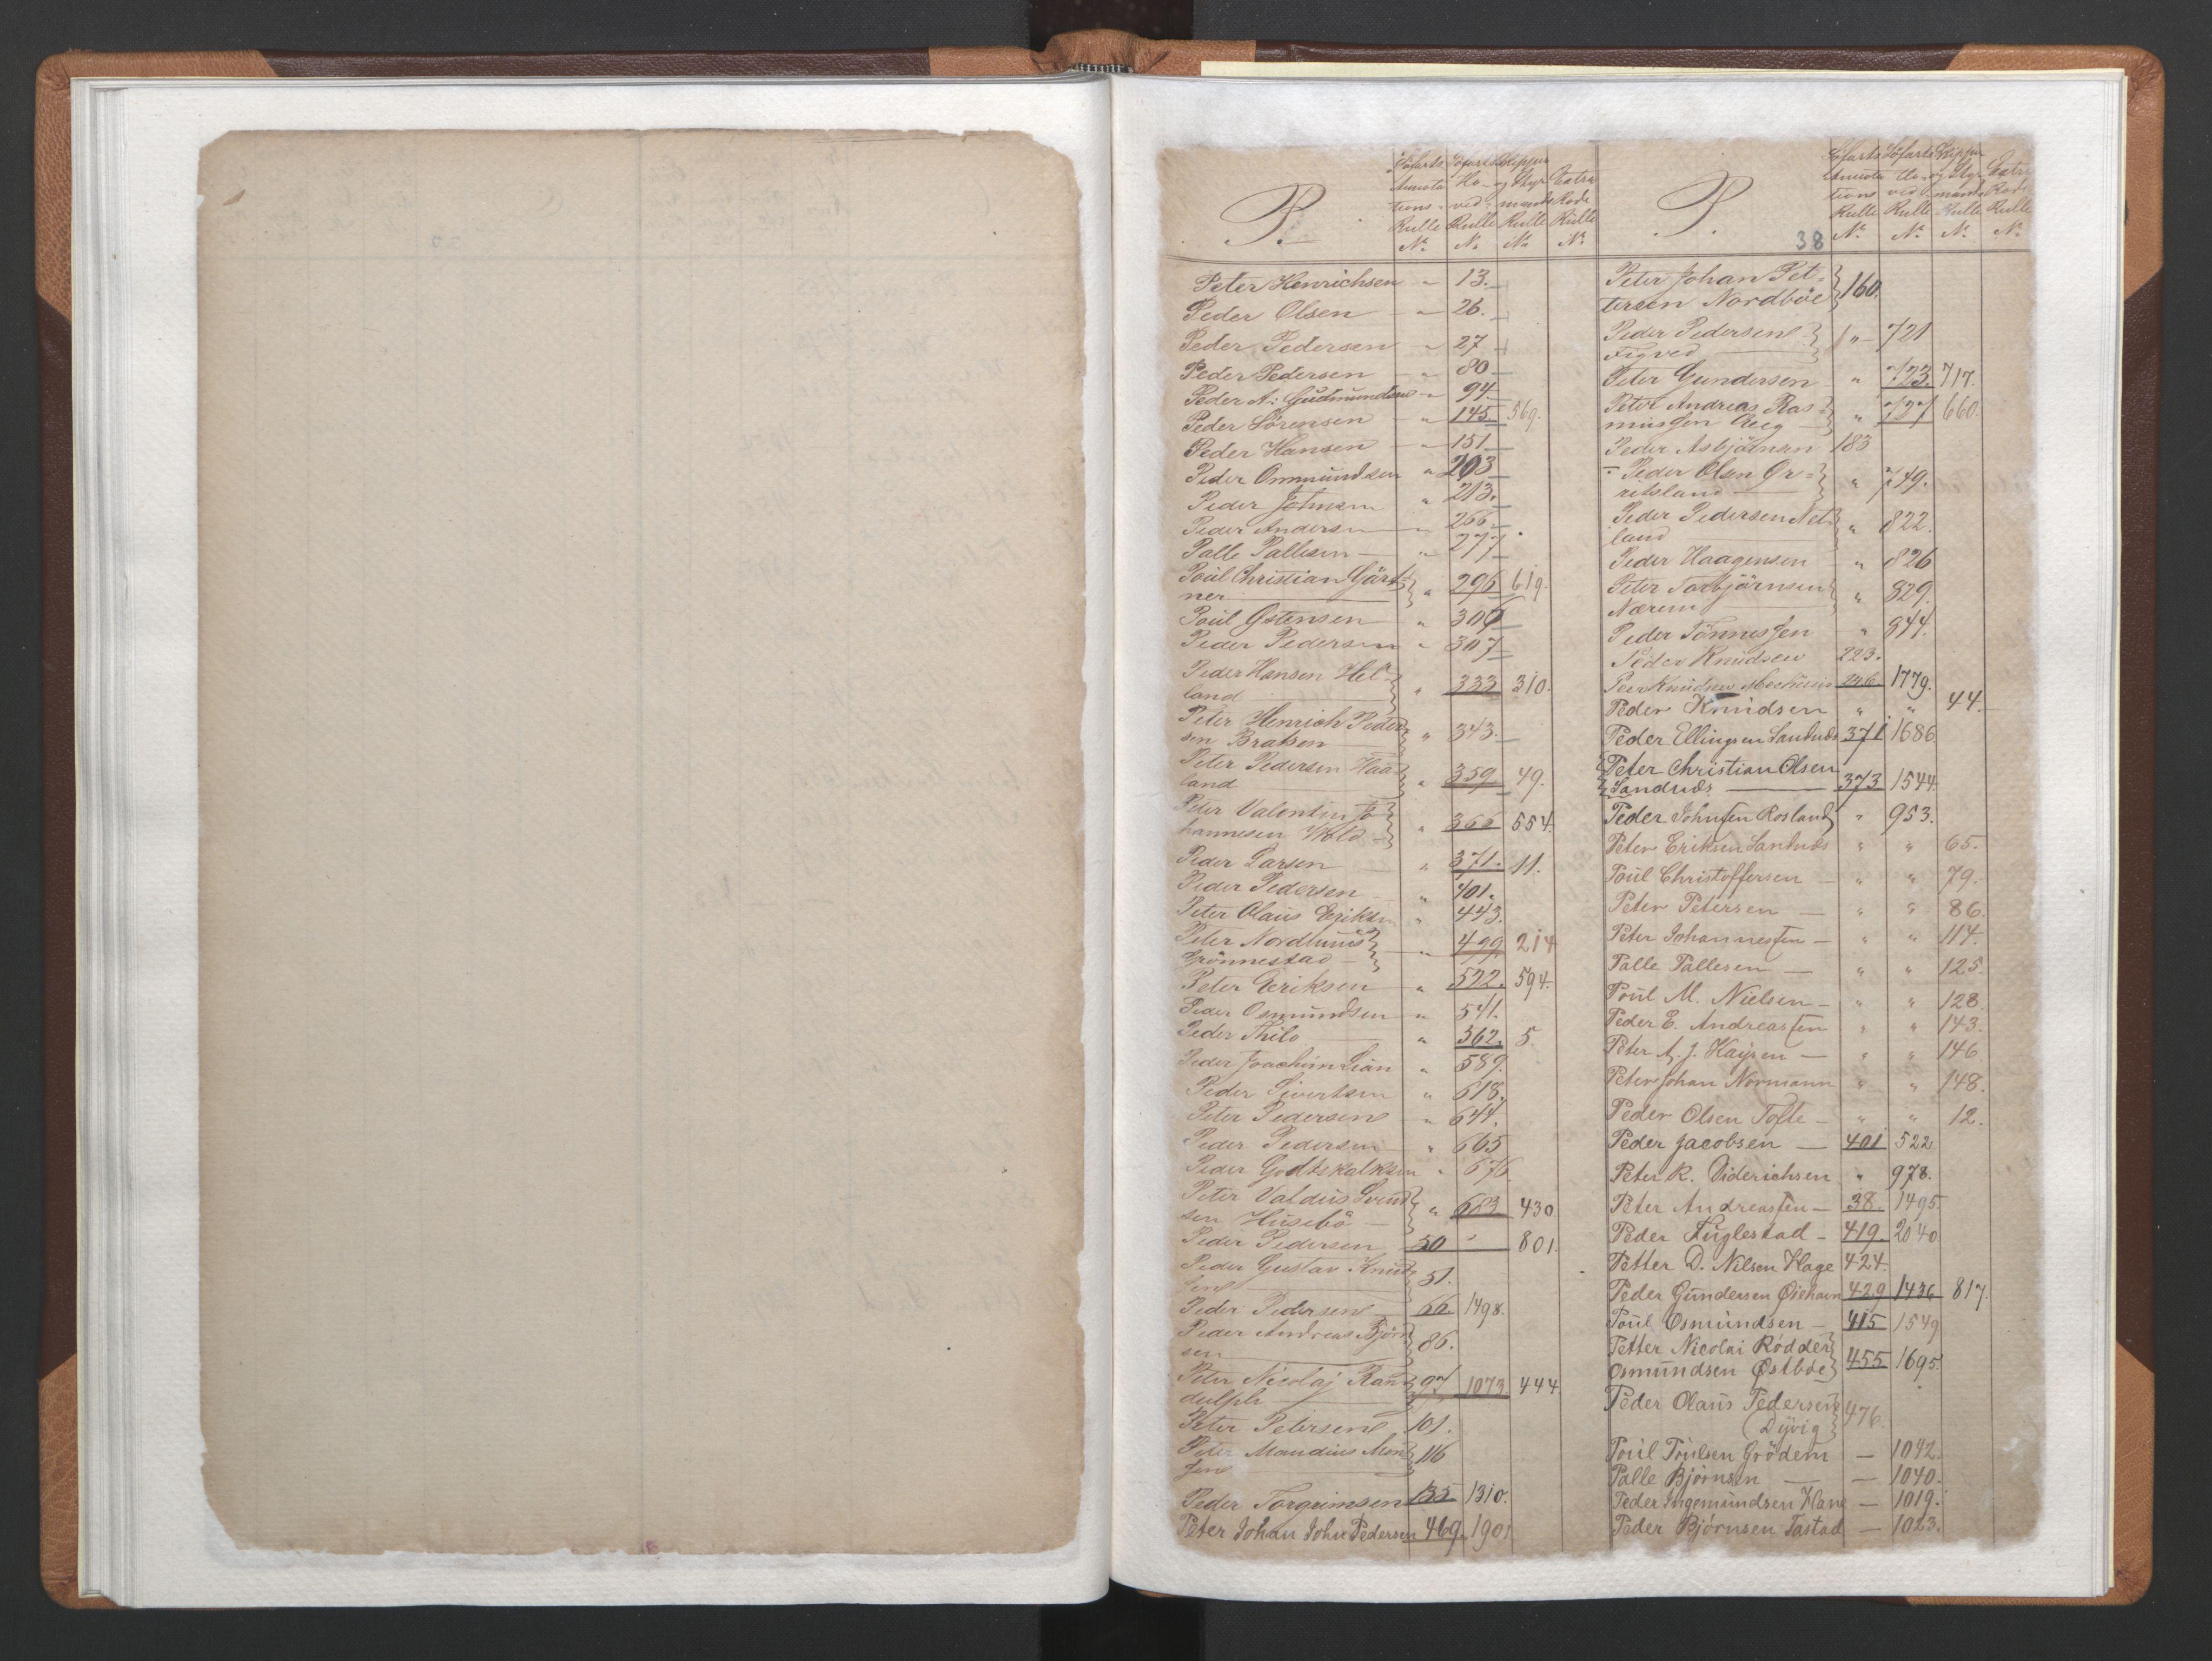 SAST, Stavanger sjømannskontor, F/Fb/Fba/L0002: Navneregister sjøfartsruller, 1860-1869, s. 39